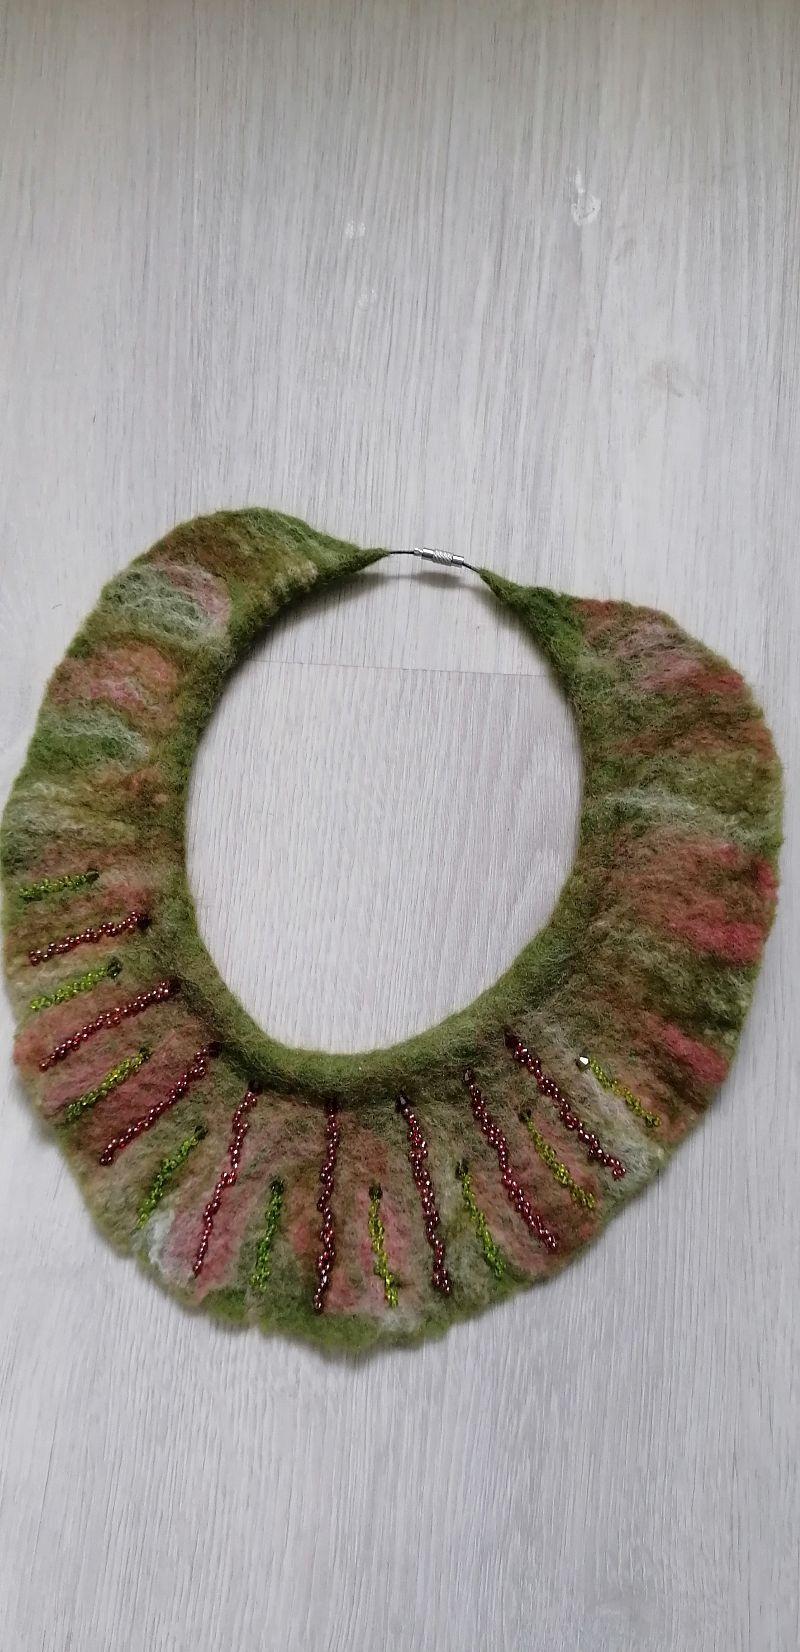 -  Gefilzte Halskette,Halsband für Damen . Grün-rot Schmuckstück aus Wolle handgefertigt.Perfekte Geschenk für einen besonderen Menschen. -  Gefilzte Halskette,Halsband für Damen . Grün-rot Schmuckstück aus Wolle handgefertigt.Perfekte Geschenk für einen besonderen Menschen.